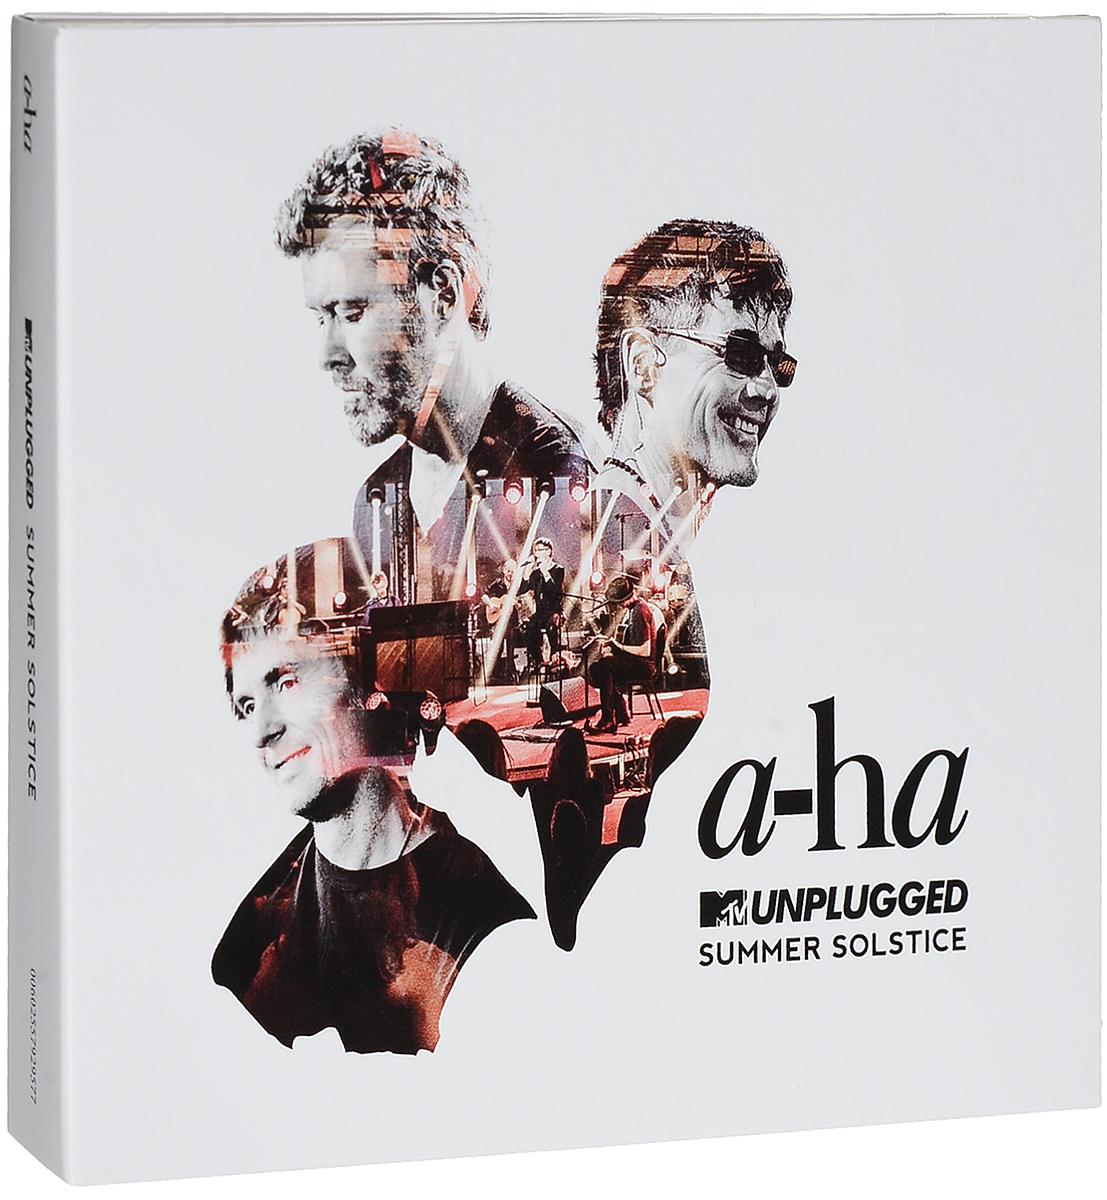 A-Ha A-ha. MTV Unplugged - Summer Solstice (2 CD + DVD)